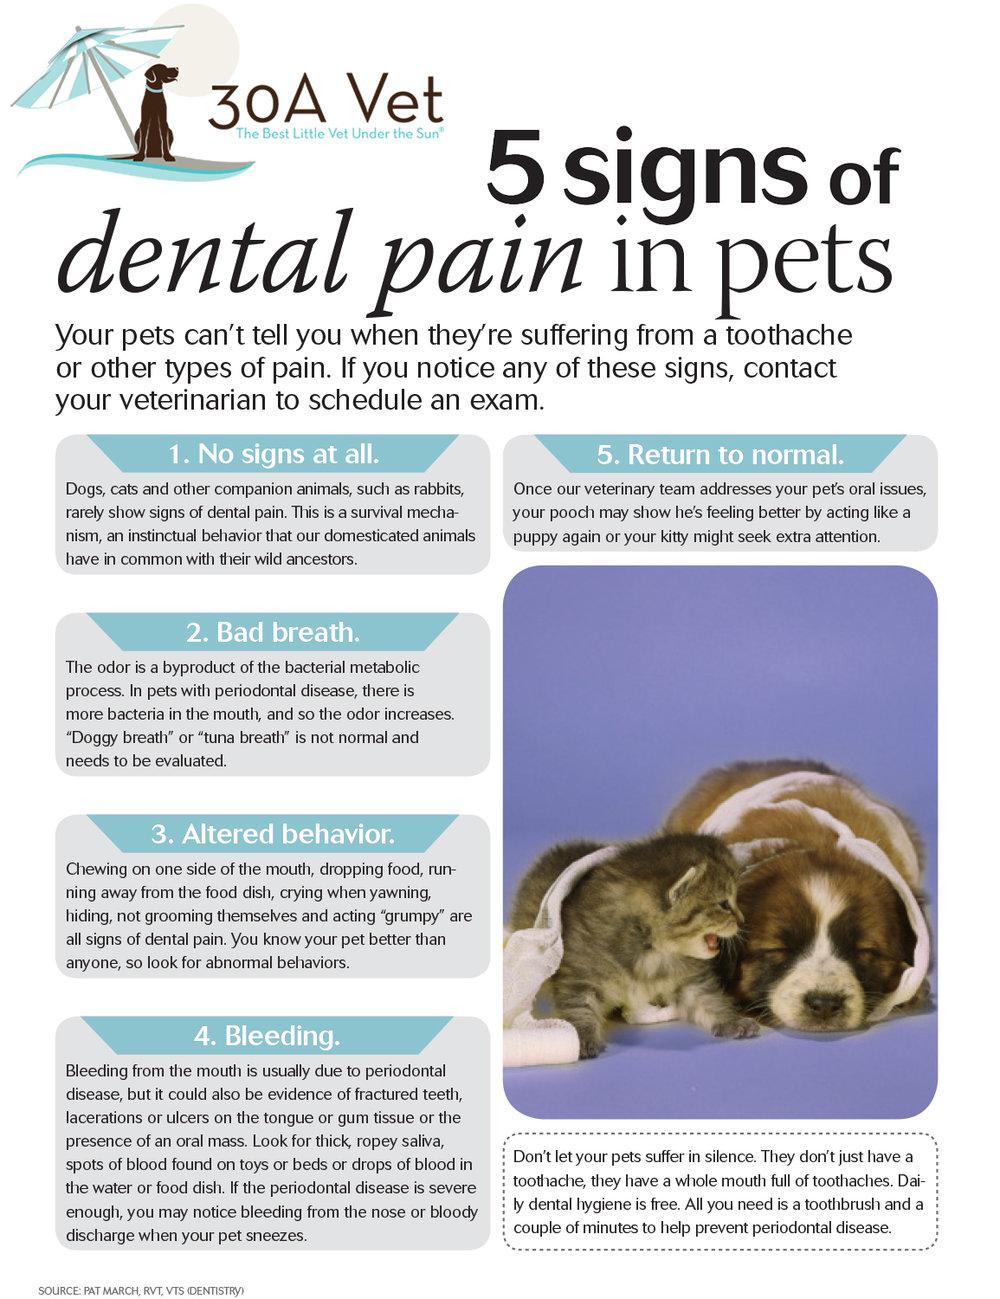 30Avet_dentalpainhandout.jpg